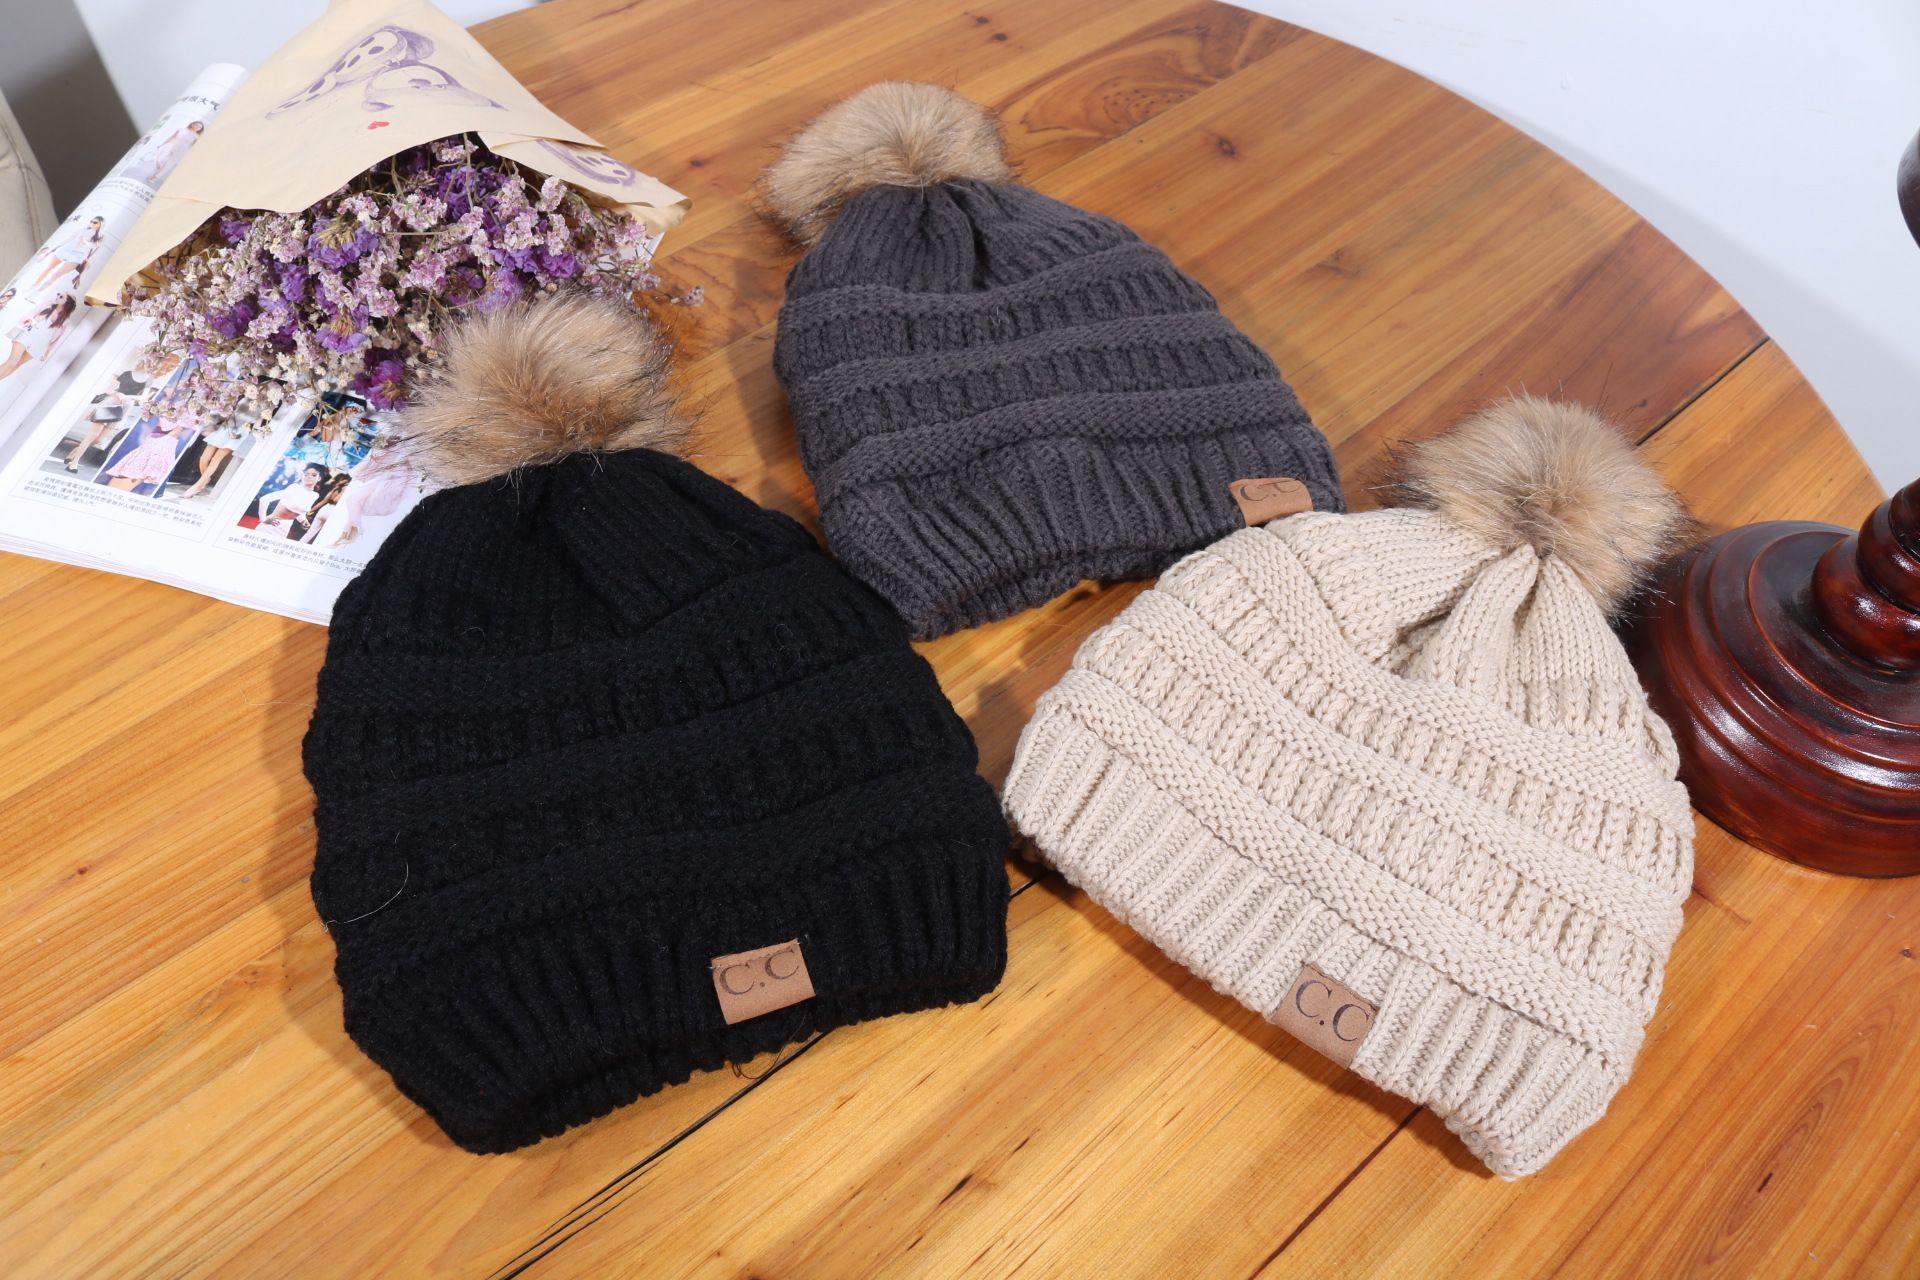 2019 قبعات البيسبول الشتاء محبوك قبعة دافئة كاب CC القبعات التريكو القبعات Gorro بونيه بوم بوم لالكبار قبعة دافئة للشتاء 54-60cm 9 الألوان